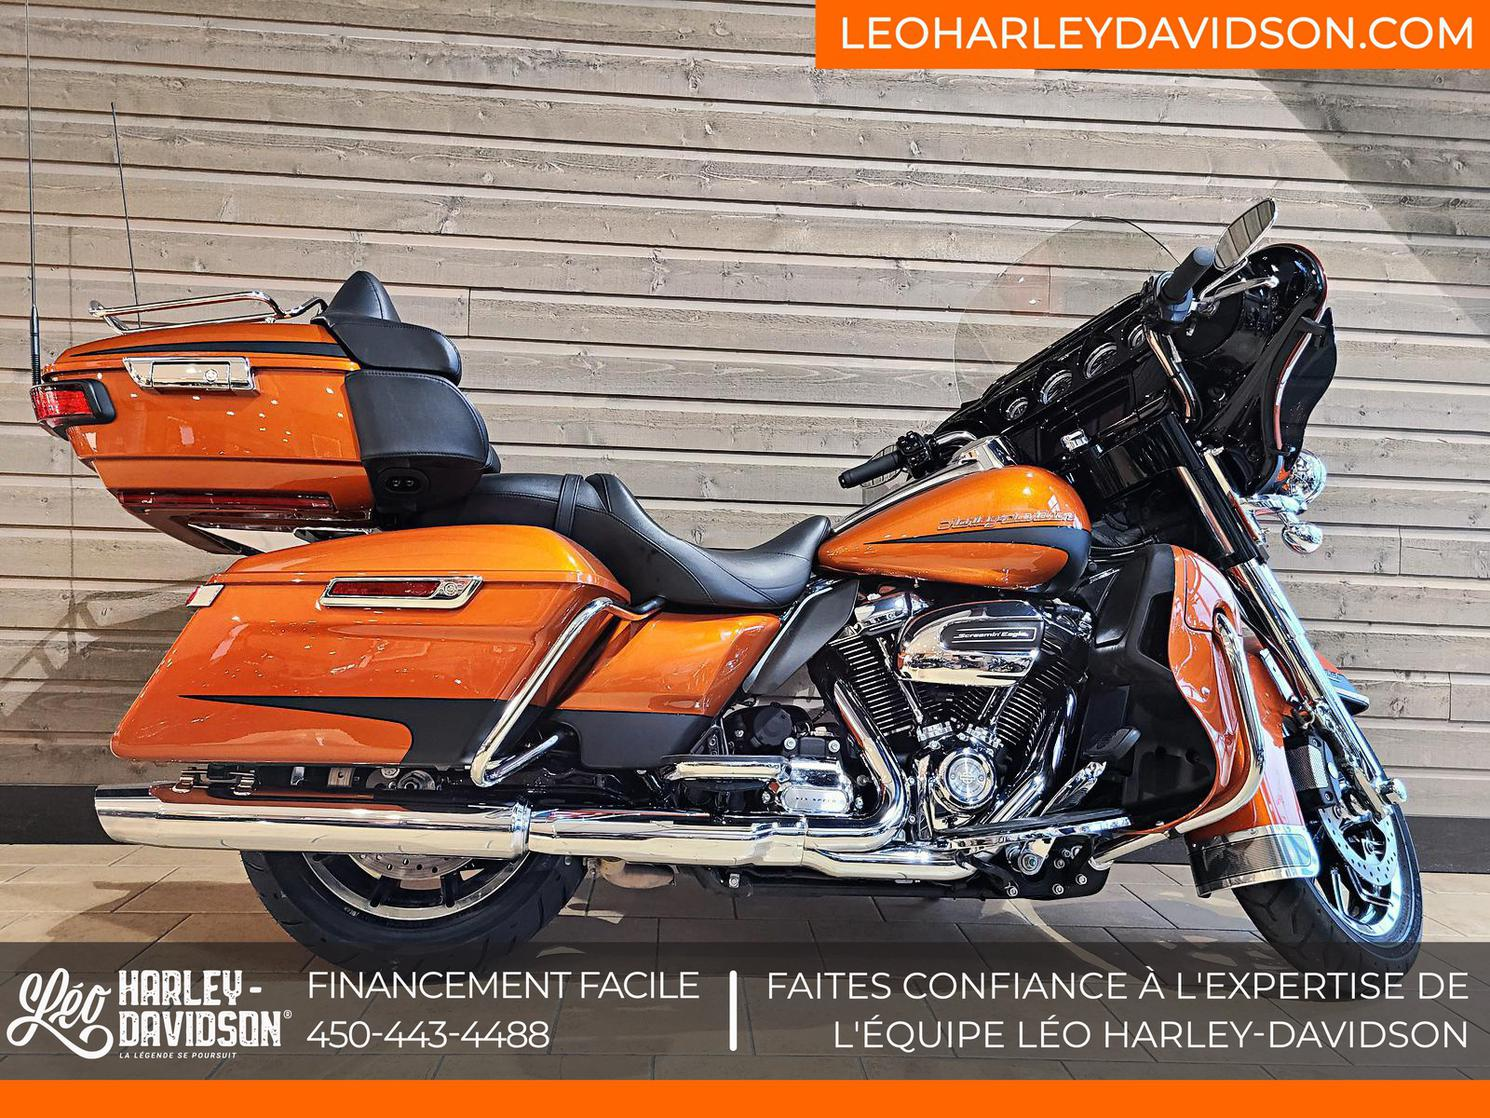 Harley-Davidson FL-Electra Gilde Ultra Limited 2019 - FLHTK